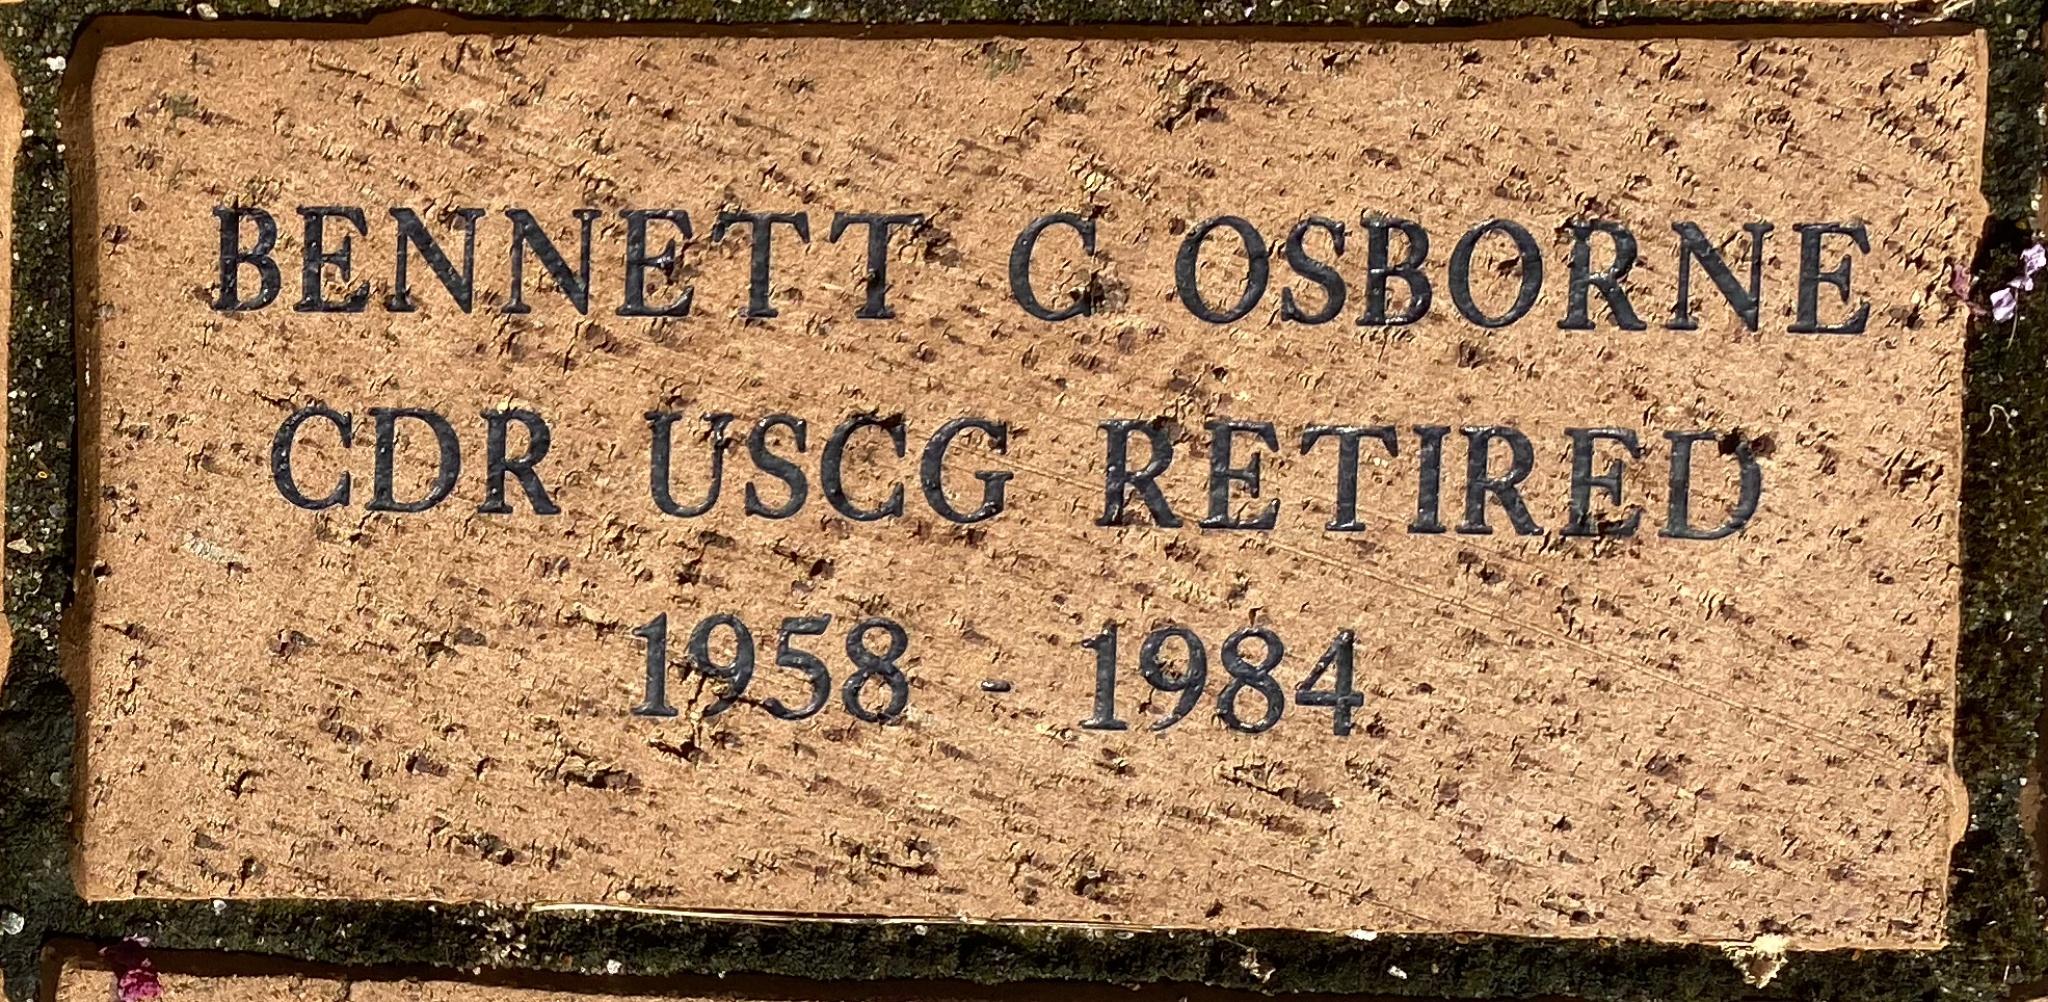 BENNETT C OSBORNE CDR USCG RETIRED 1958 – 1984